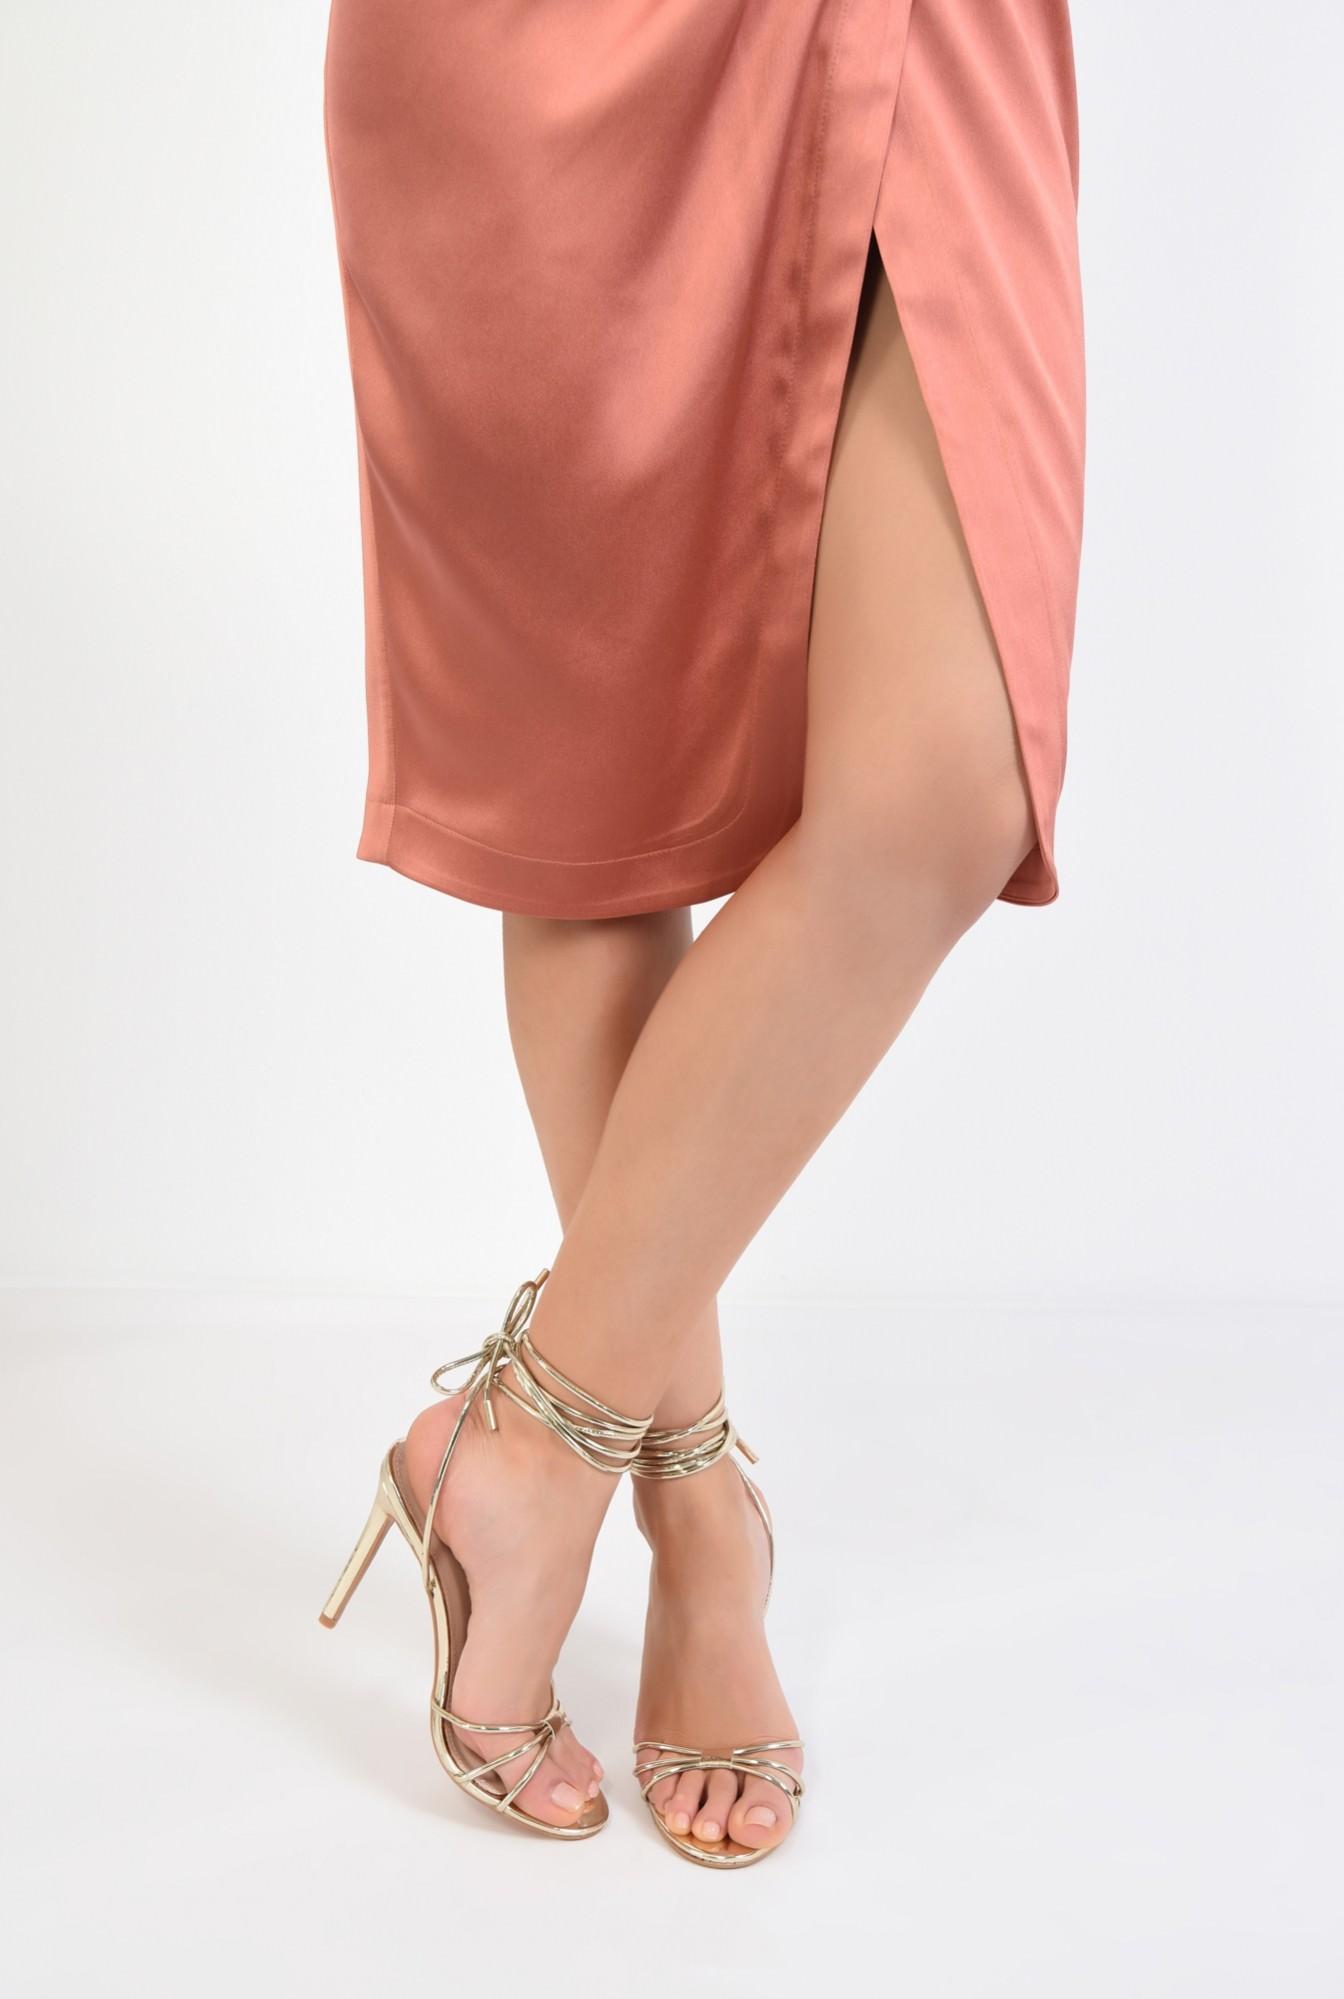 4 - sandale aurii, de ocazie, barete, snur, stiletto